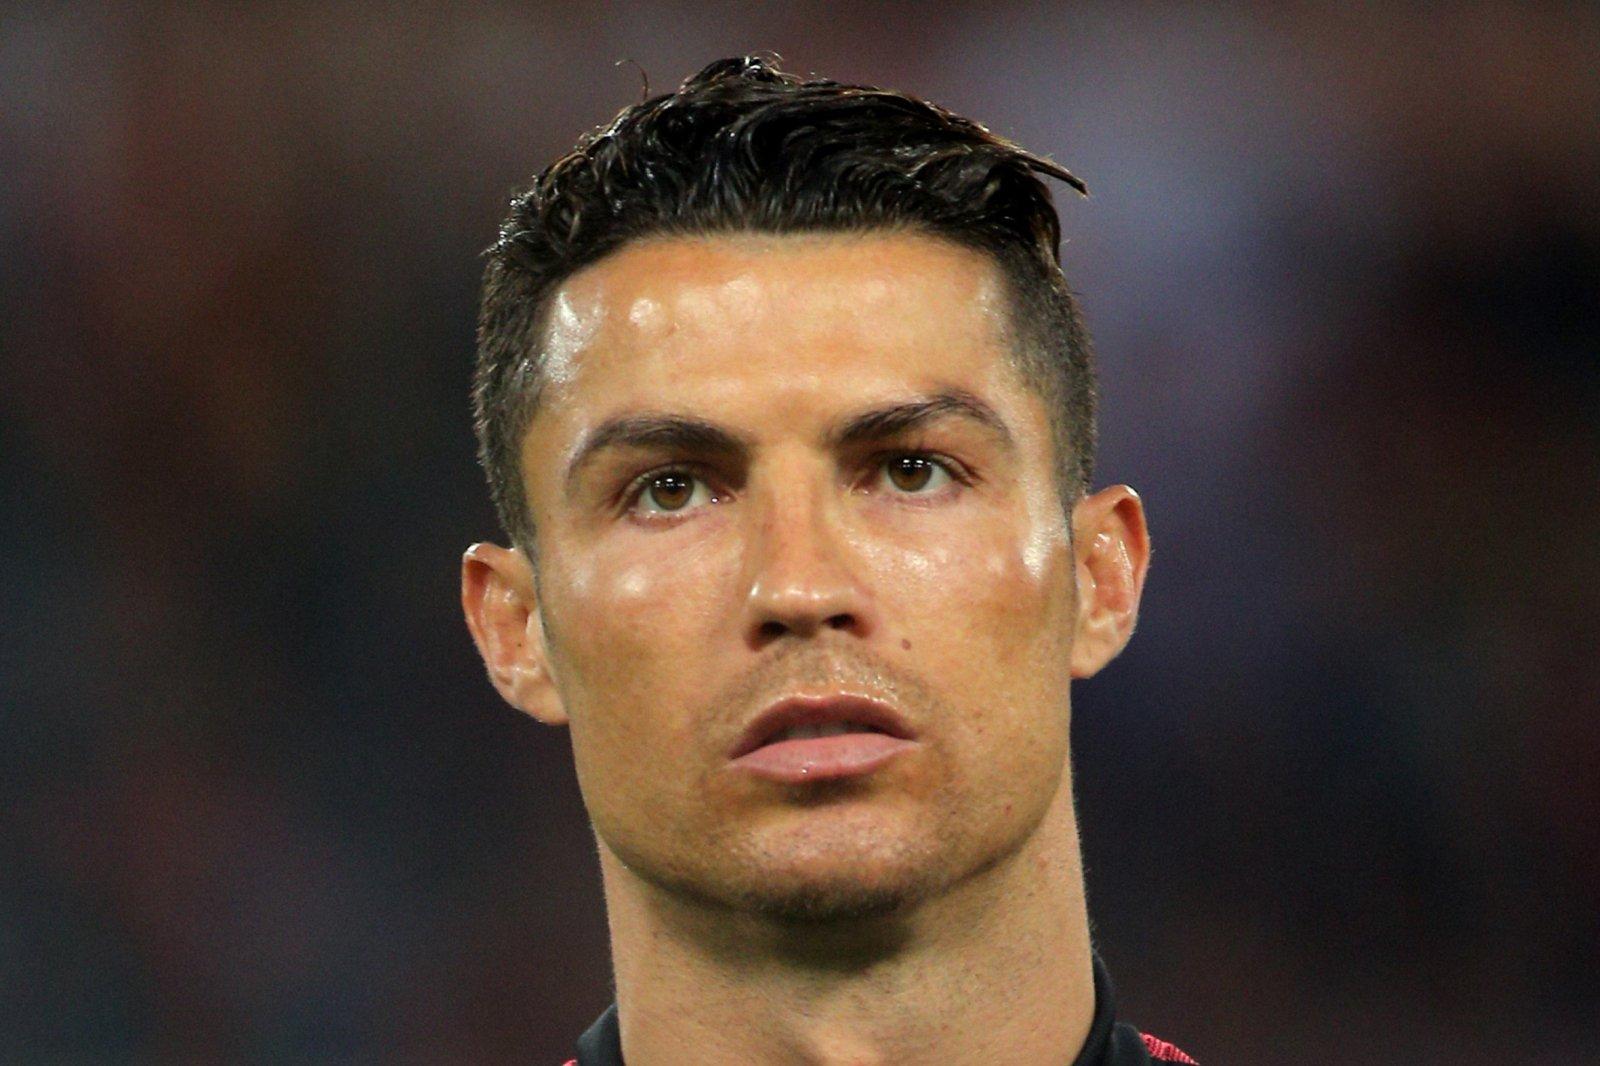 EA veröffentlicht Werte für FIFA 22 – Cristiano Ronaldo nur noch Dritter